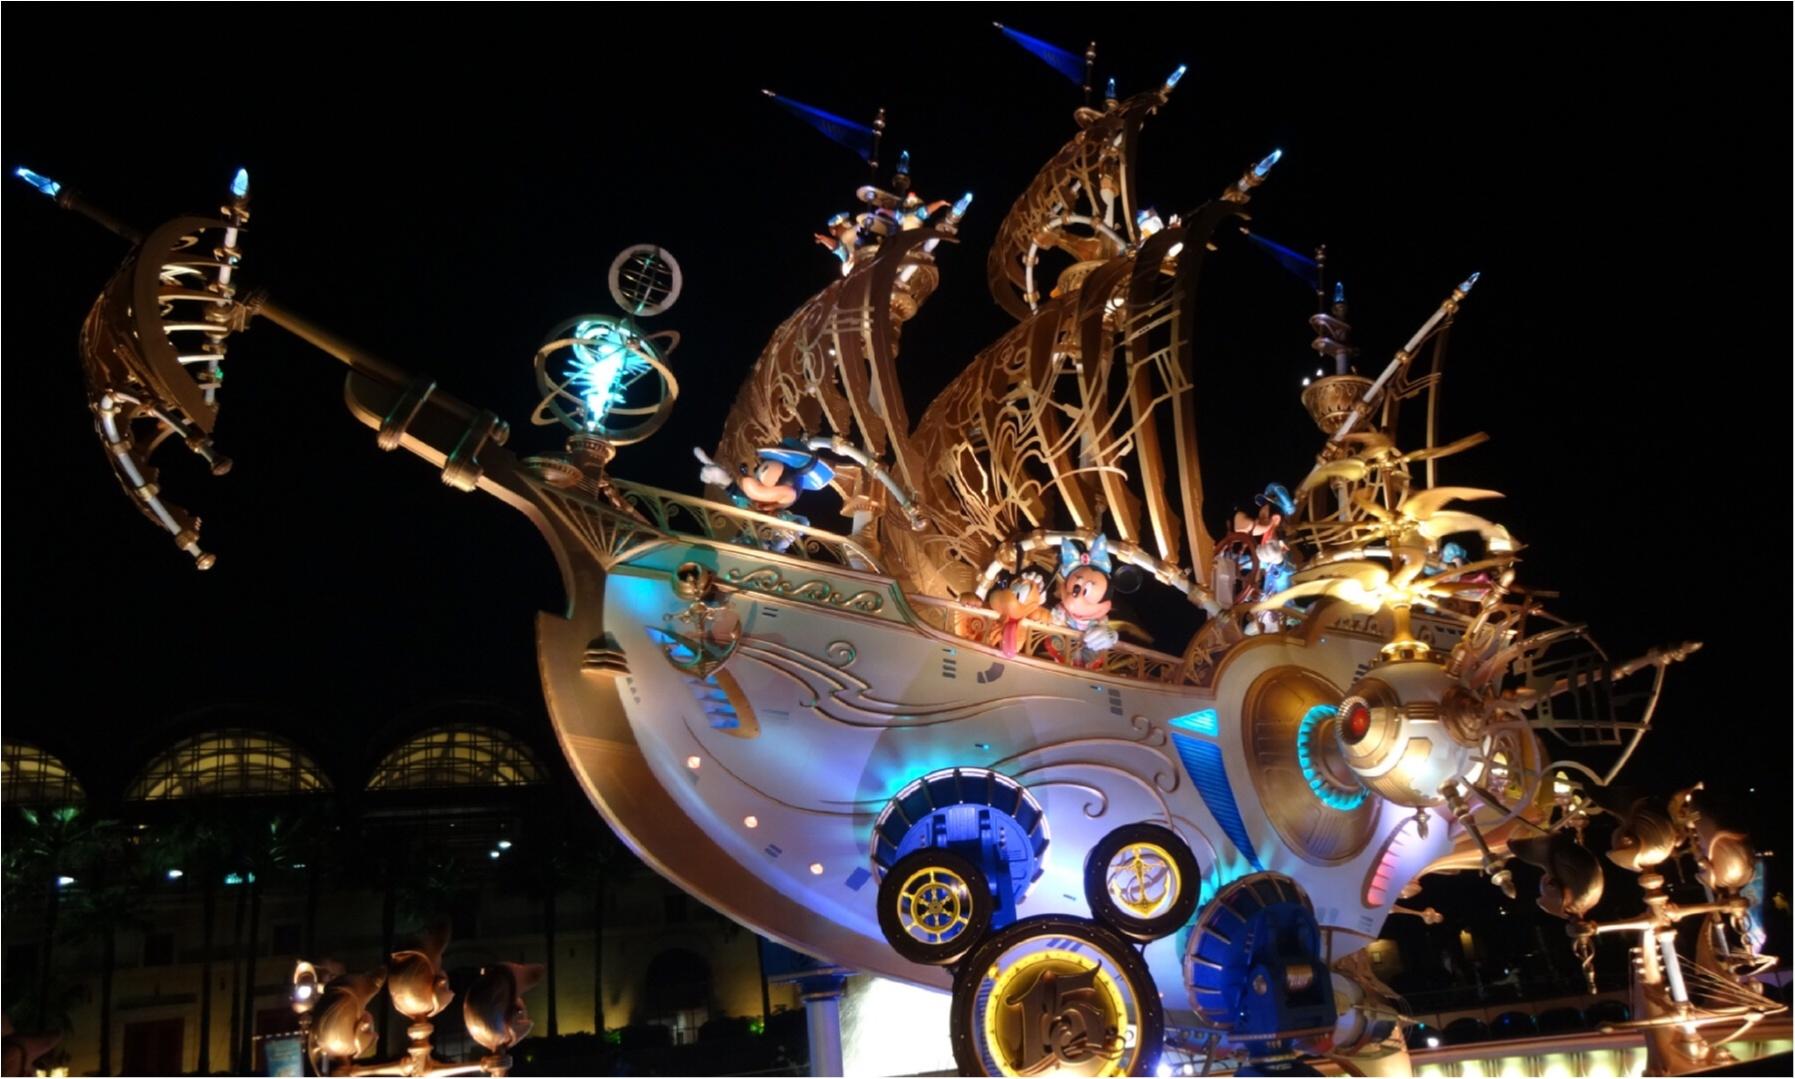 ユニクロUTでおそろコーデをして15周年の東京ディズニーシーへ行って来ましたー♬_11